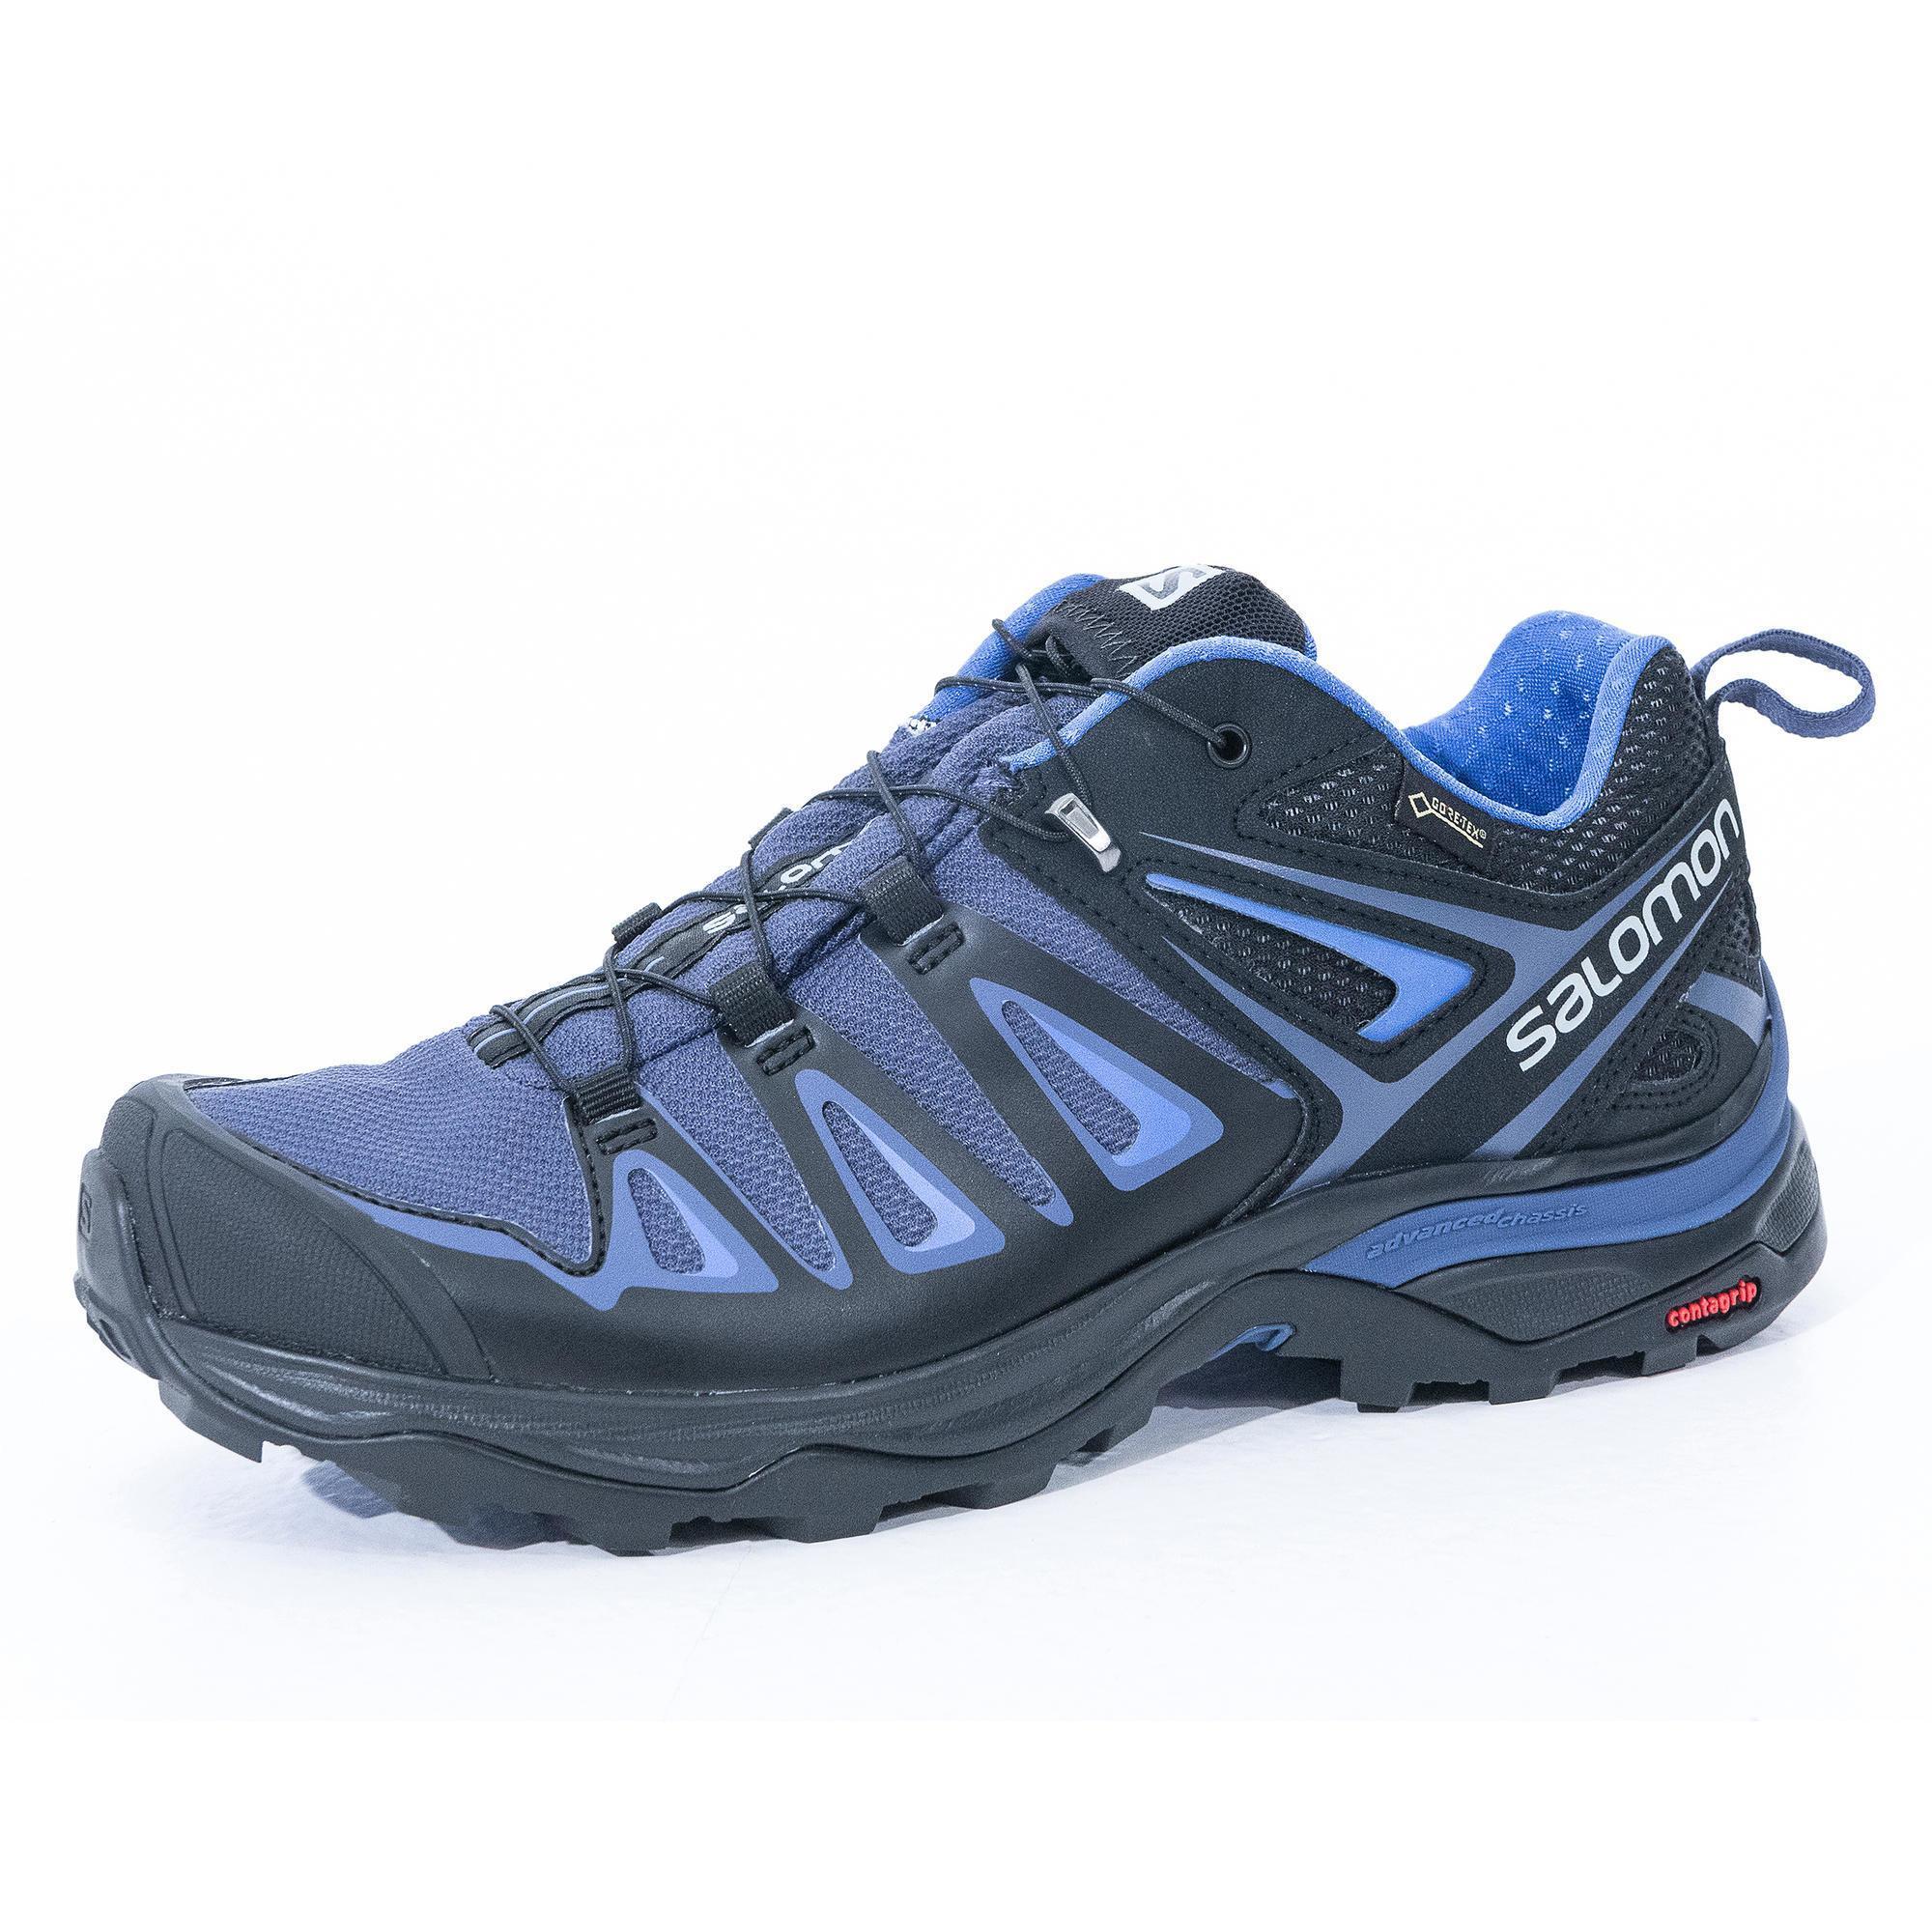 0e844ded81c Salomon Wandelschoenen voor dames Salomon X Ultra Gore-tex grijs/blauw  kopen met voordeel